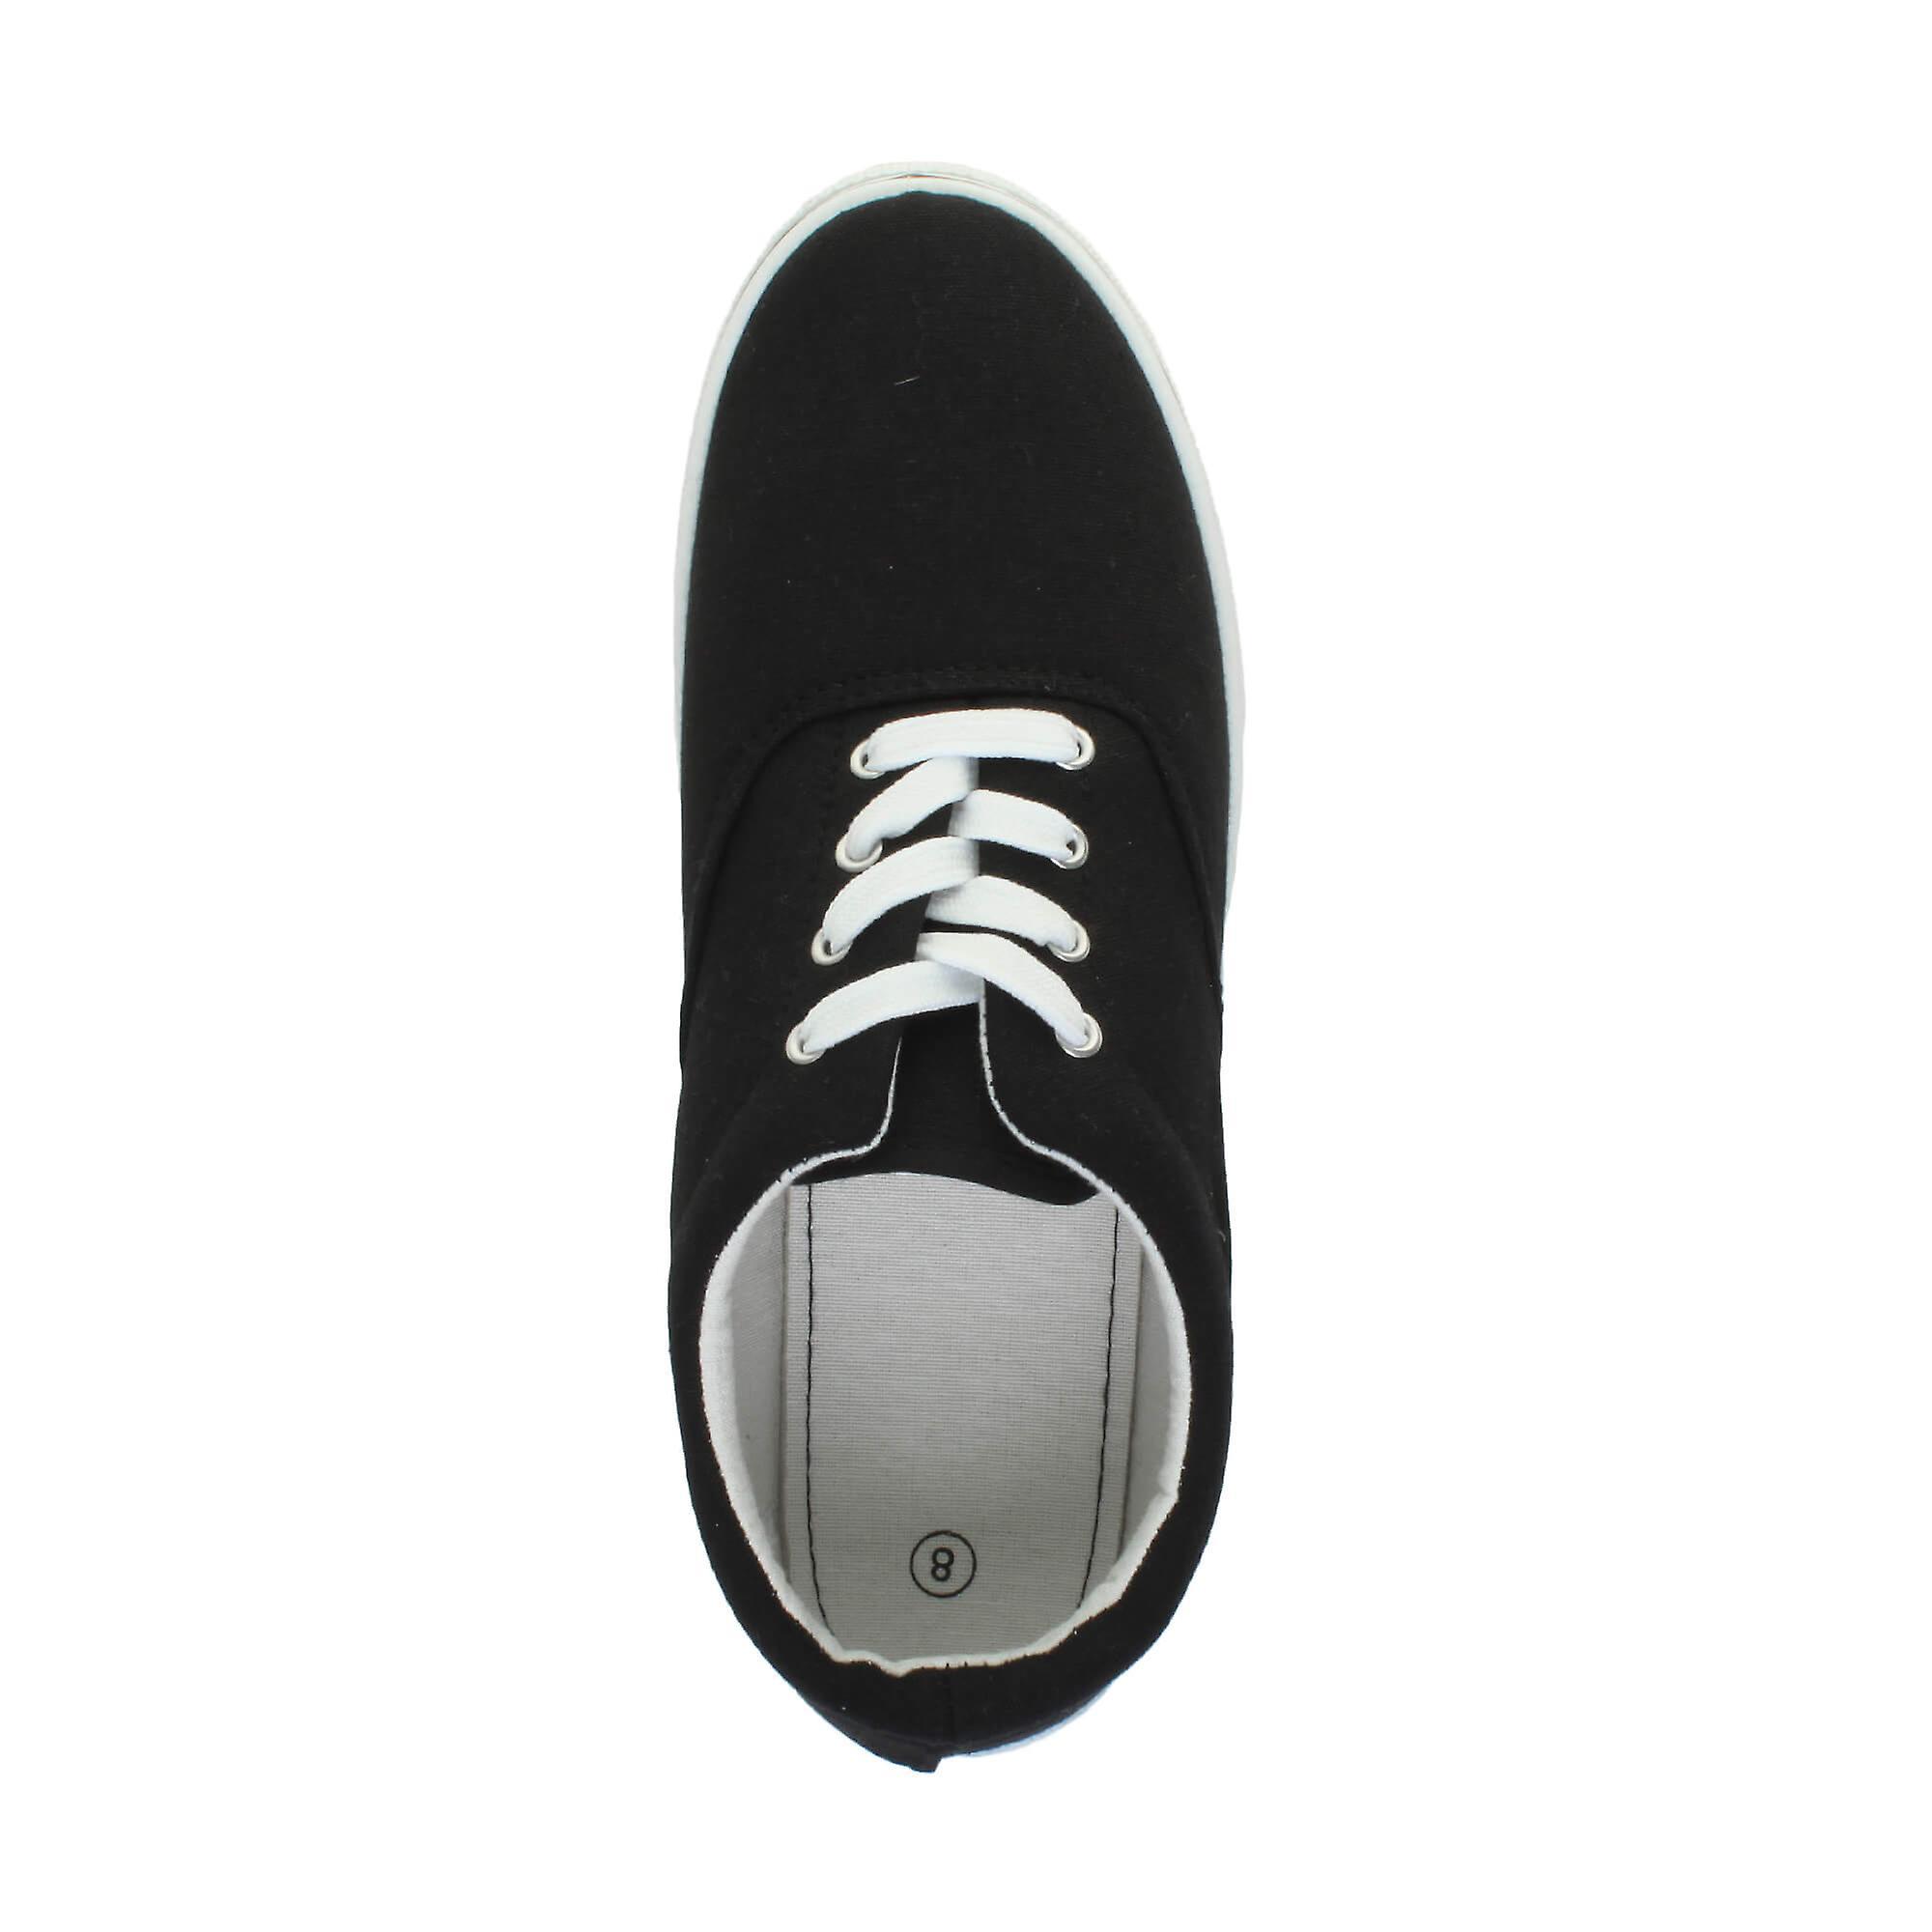 up Ajvani pumps lace trainers plimsolls shoes plimsoles canvas flat mens casual zAcHwzTOq